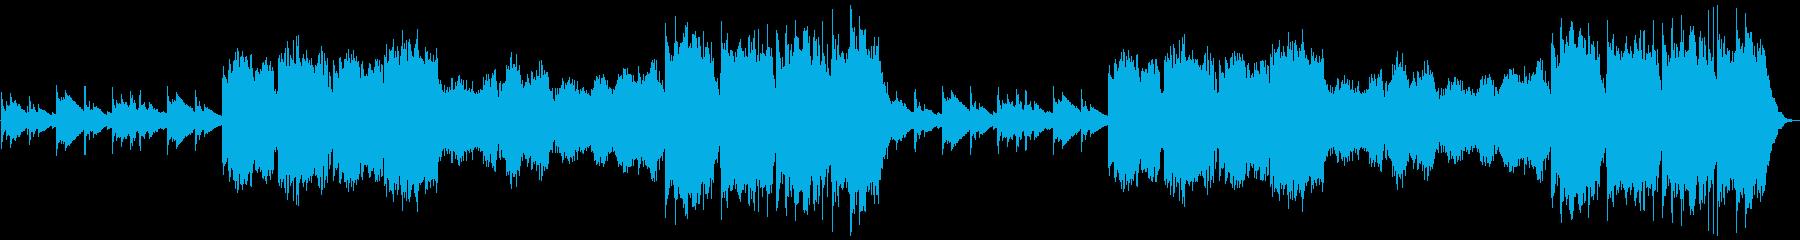 ぽかぽか、ほのぼのとしたBGMの再生済みの波形